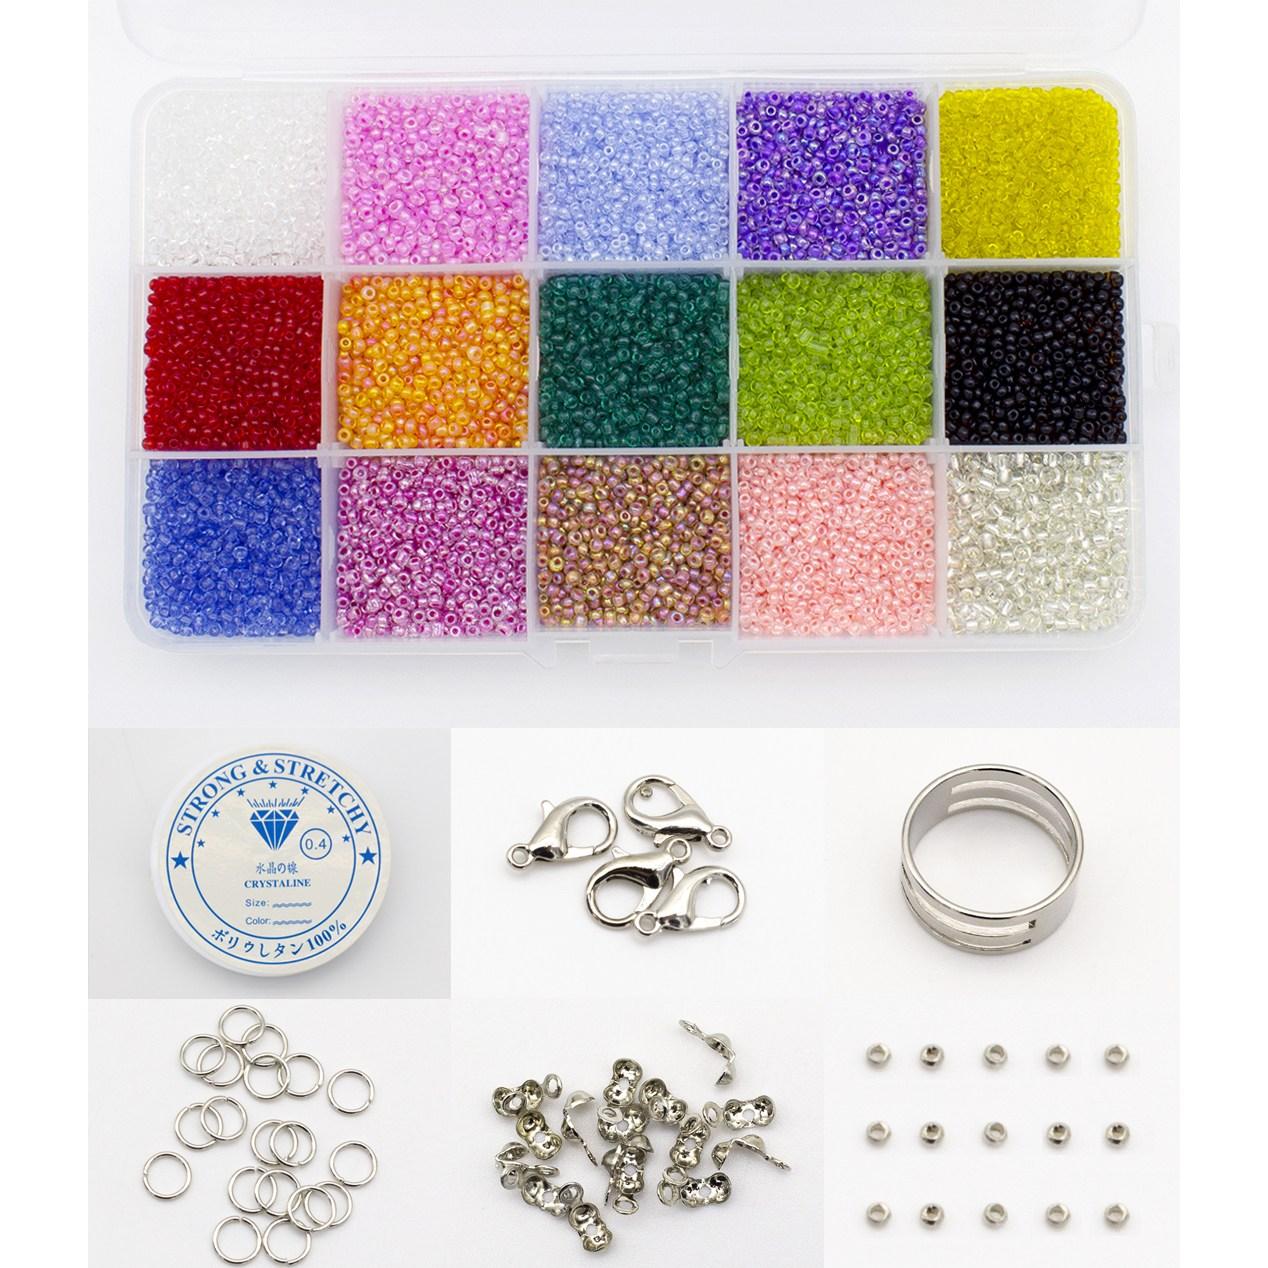 아트니즘 시드비즈 마스크스트랩만들기 재료 15색 세트 DIY 반지 팔찌 만들기 공예 집콕놀이, 17 올챙이캡 (10개)